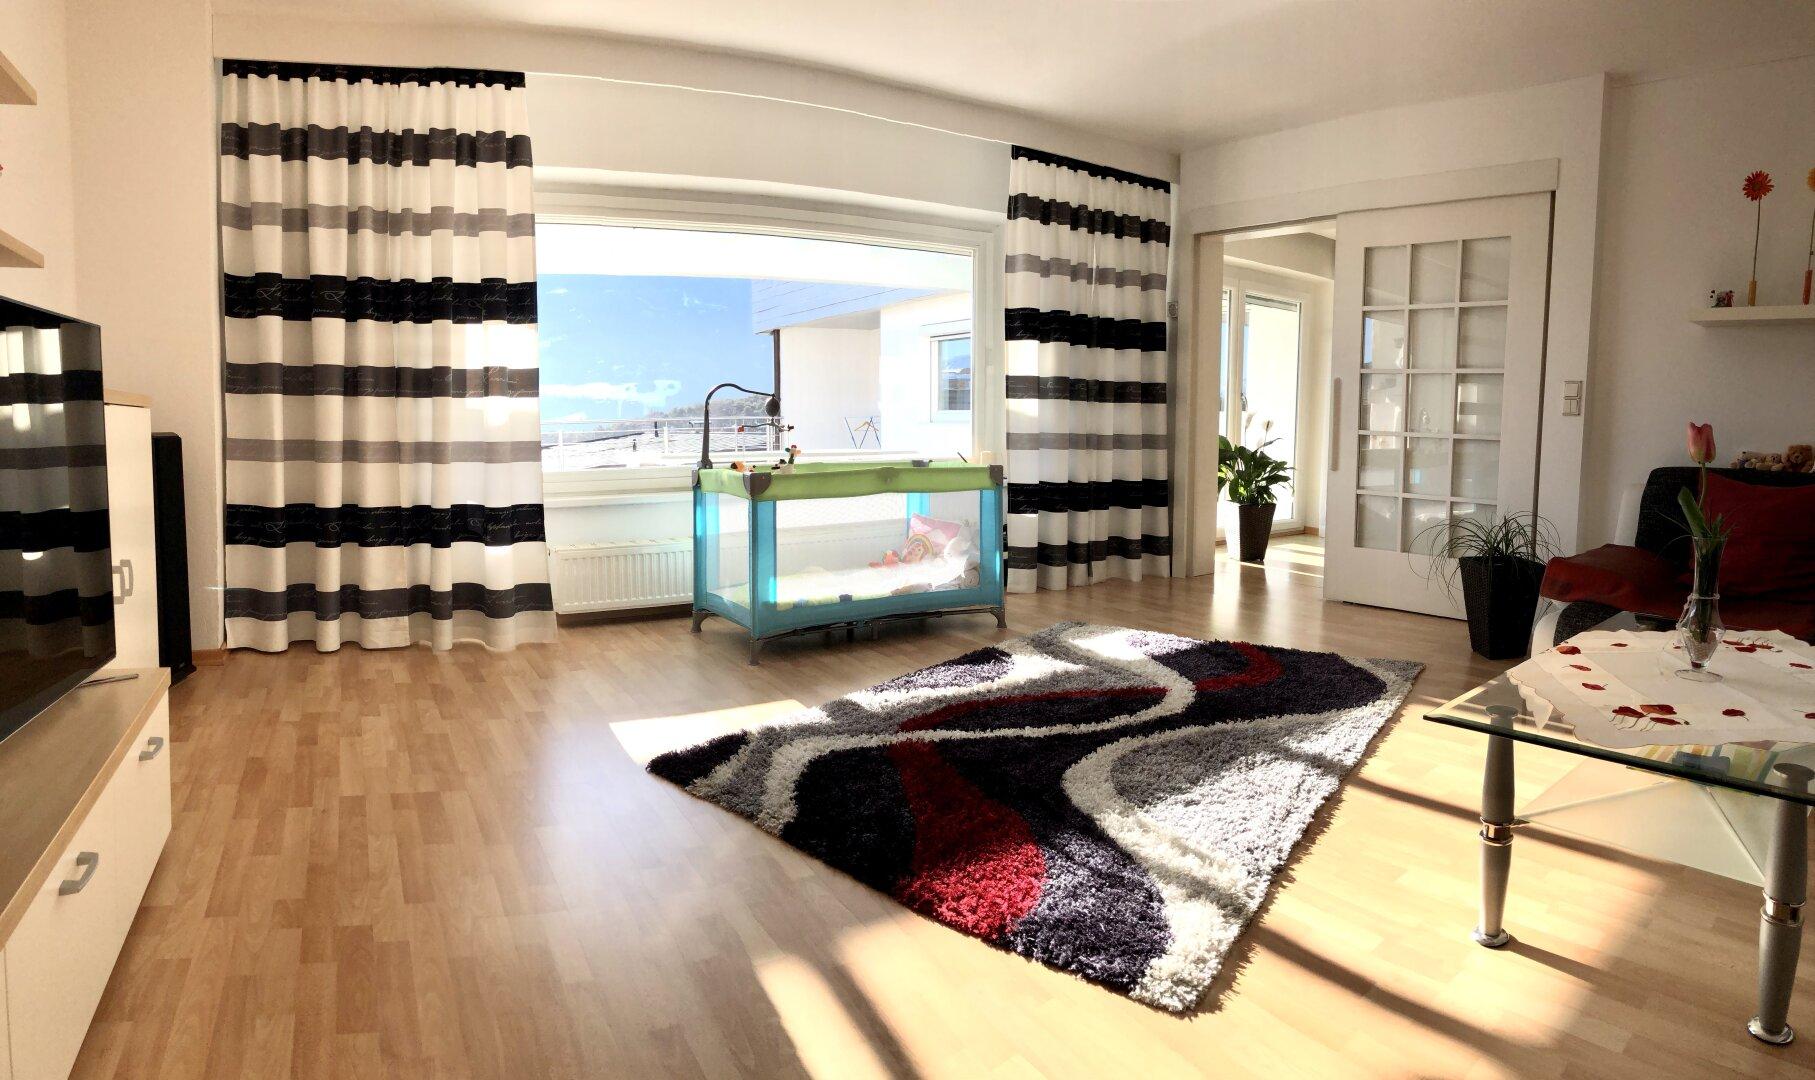 Wohnzimmer mit tollem Ausblick